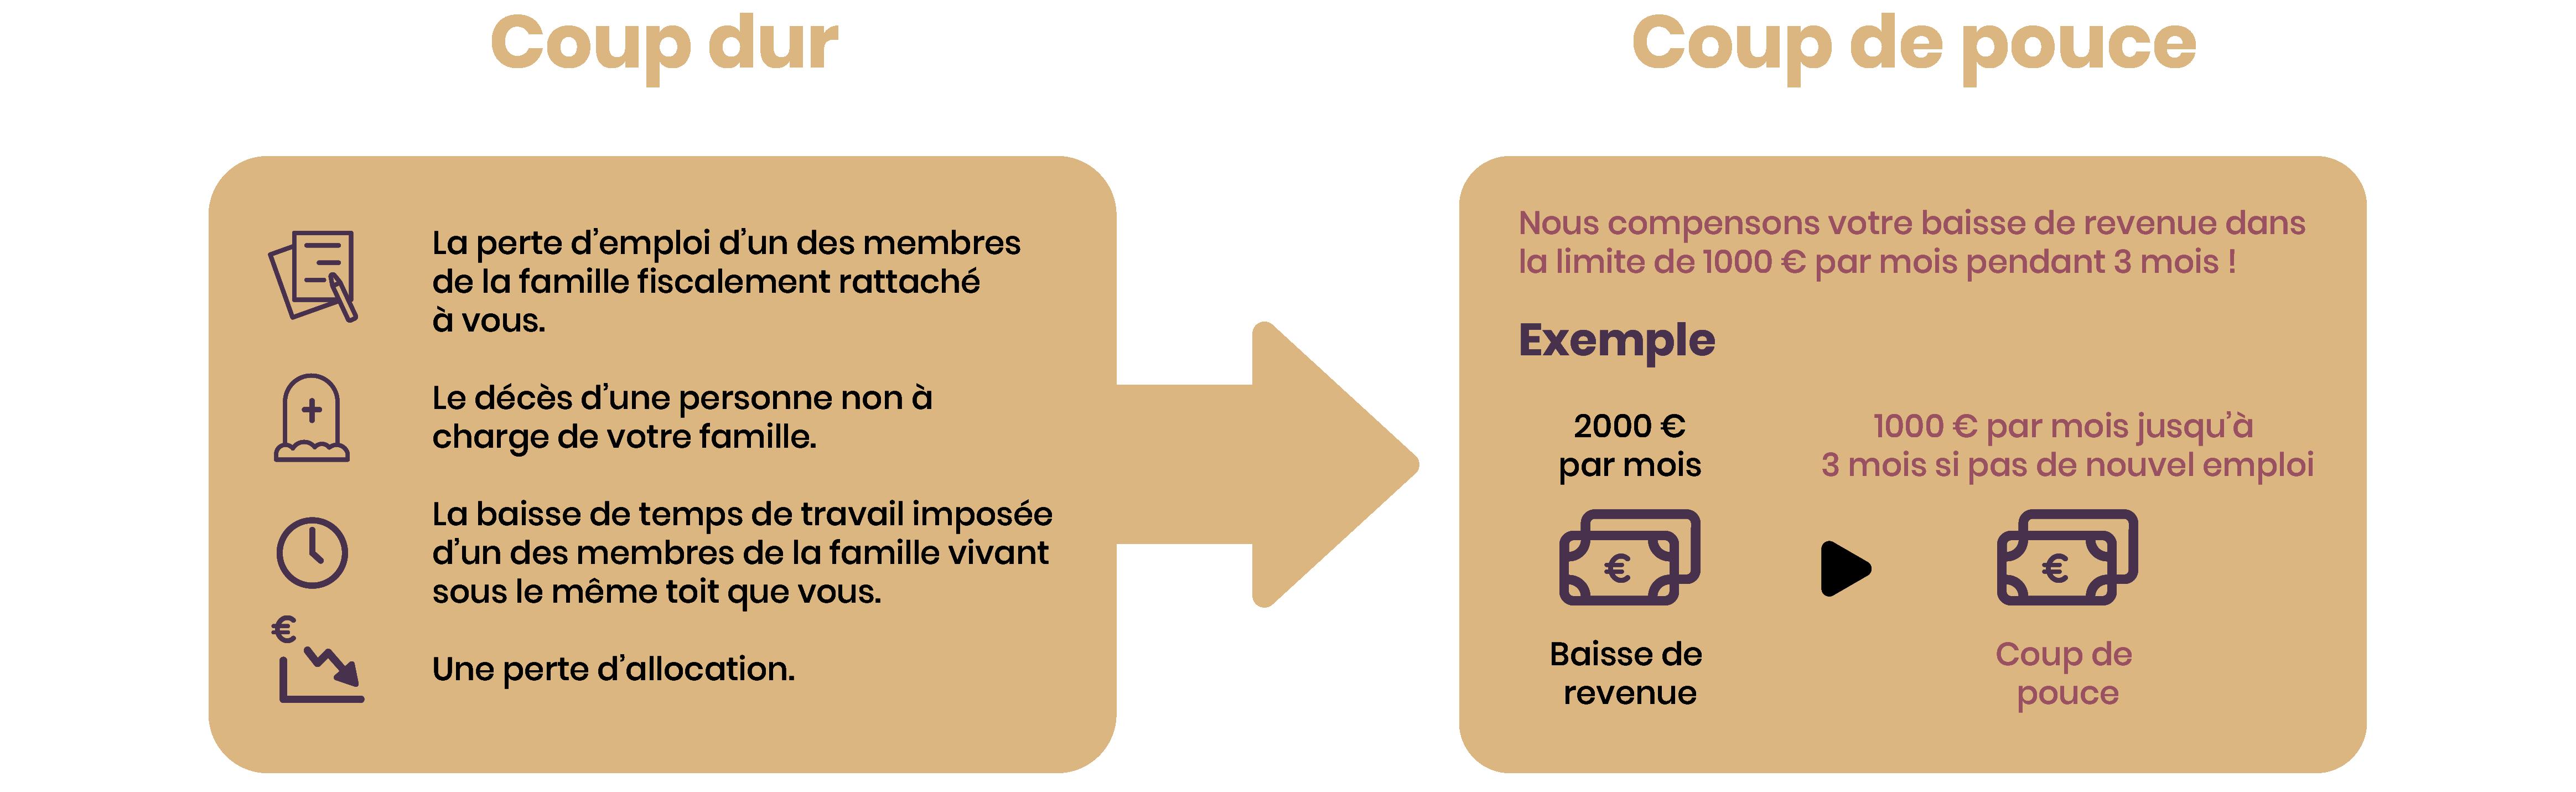 EXEMPLE DE GARANTIE_Plan de travail 1 copie (1)